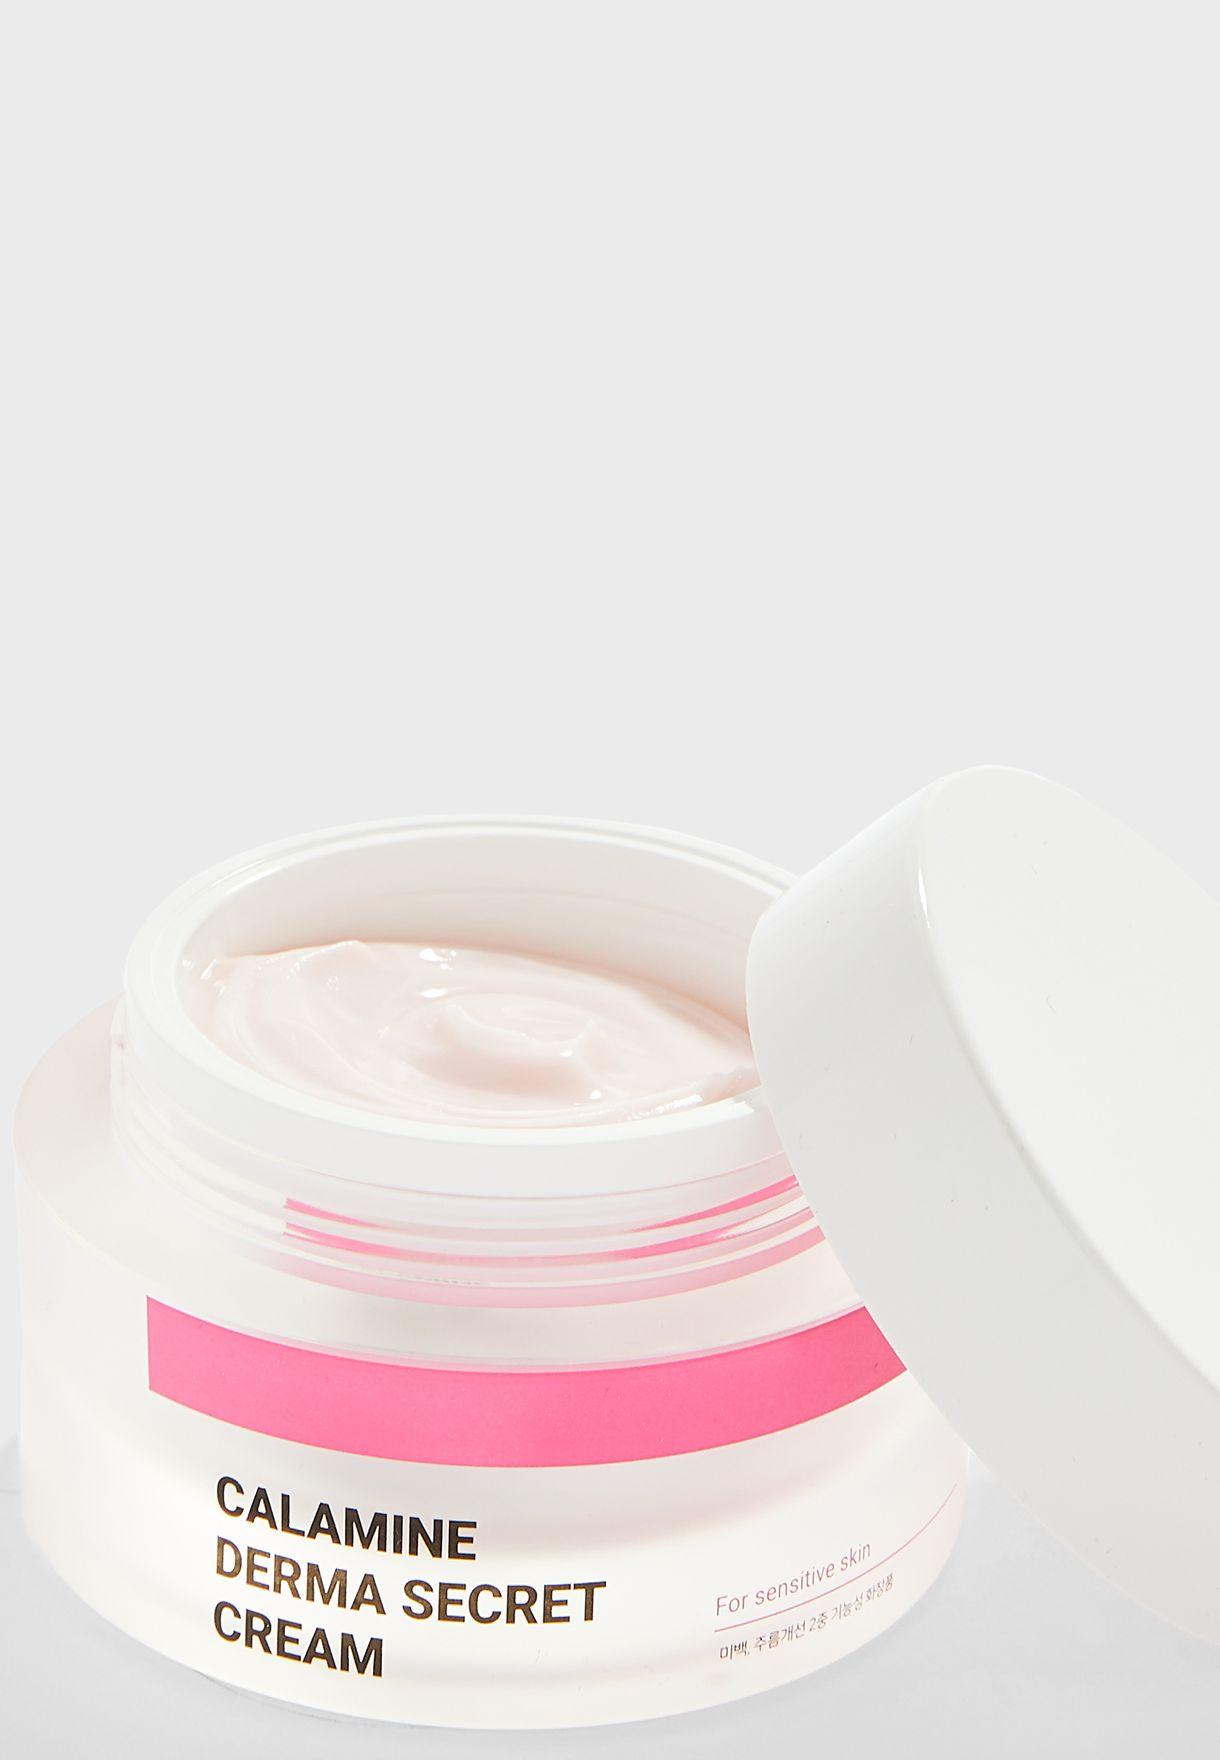 Calamine Derma Secret Cream